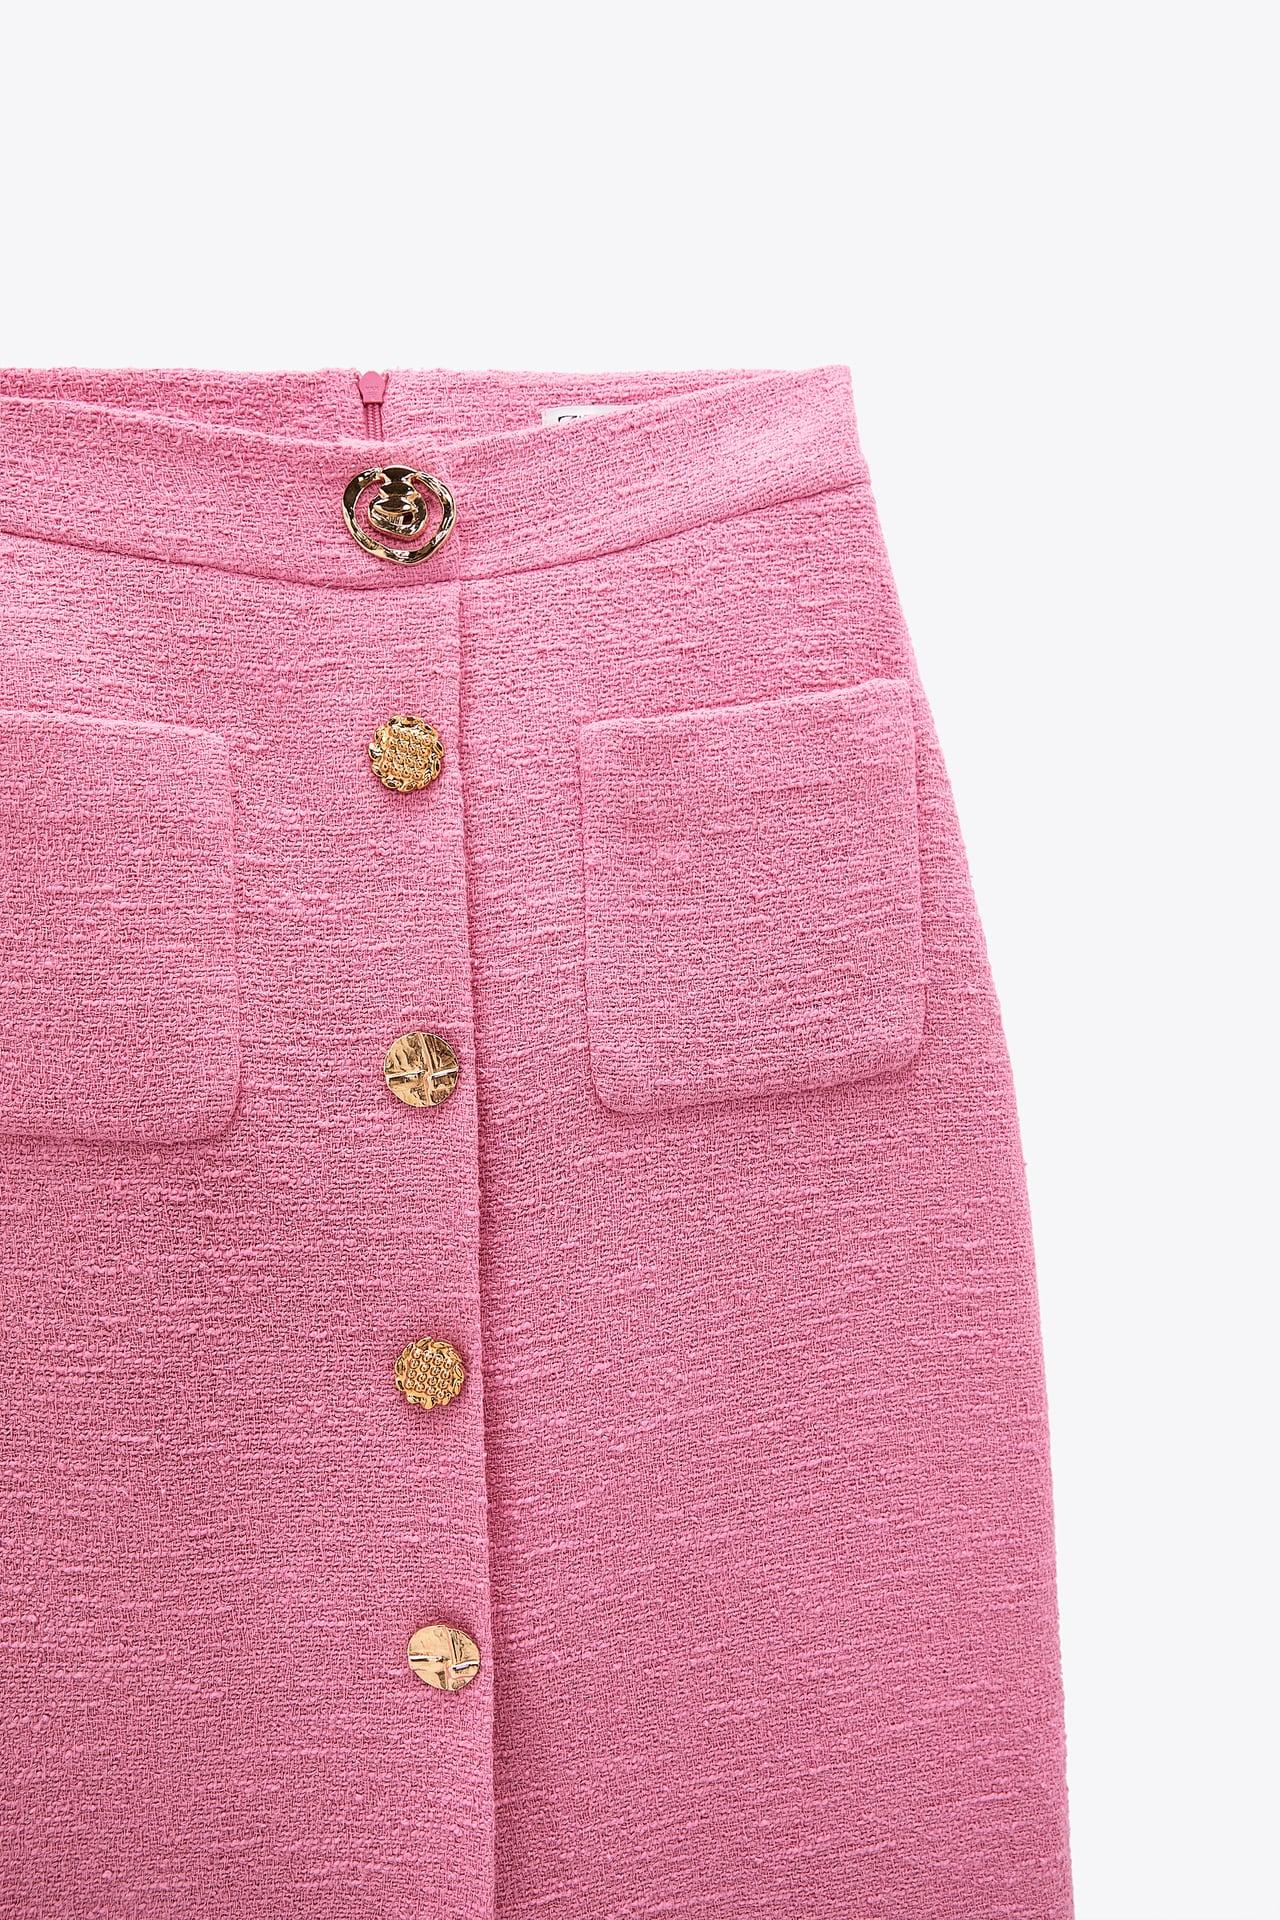 Zara tiene una versión más femenina y barata del traje rosa de Letizia